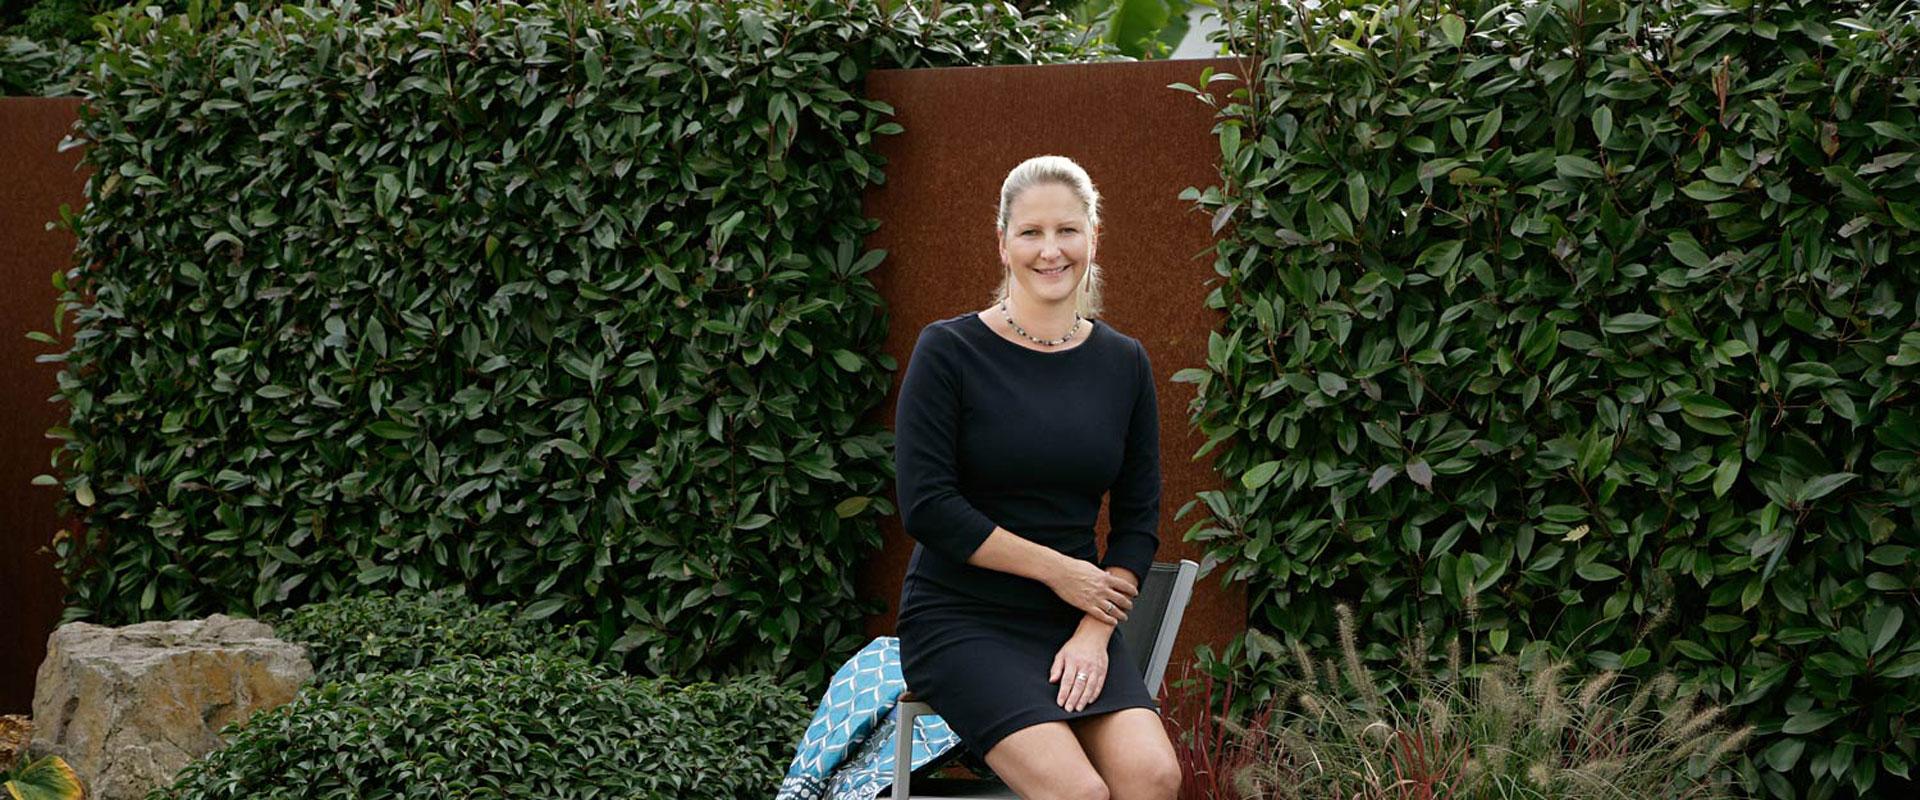 Die Geschäftsführerin von positiv abheben sitzt lächelnd vor einer grünen Hecke was ihren Wert Natur widerspiegelt